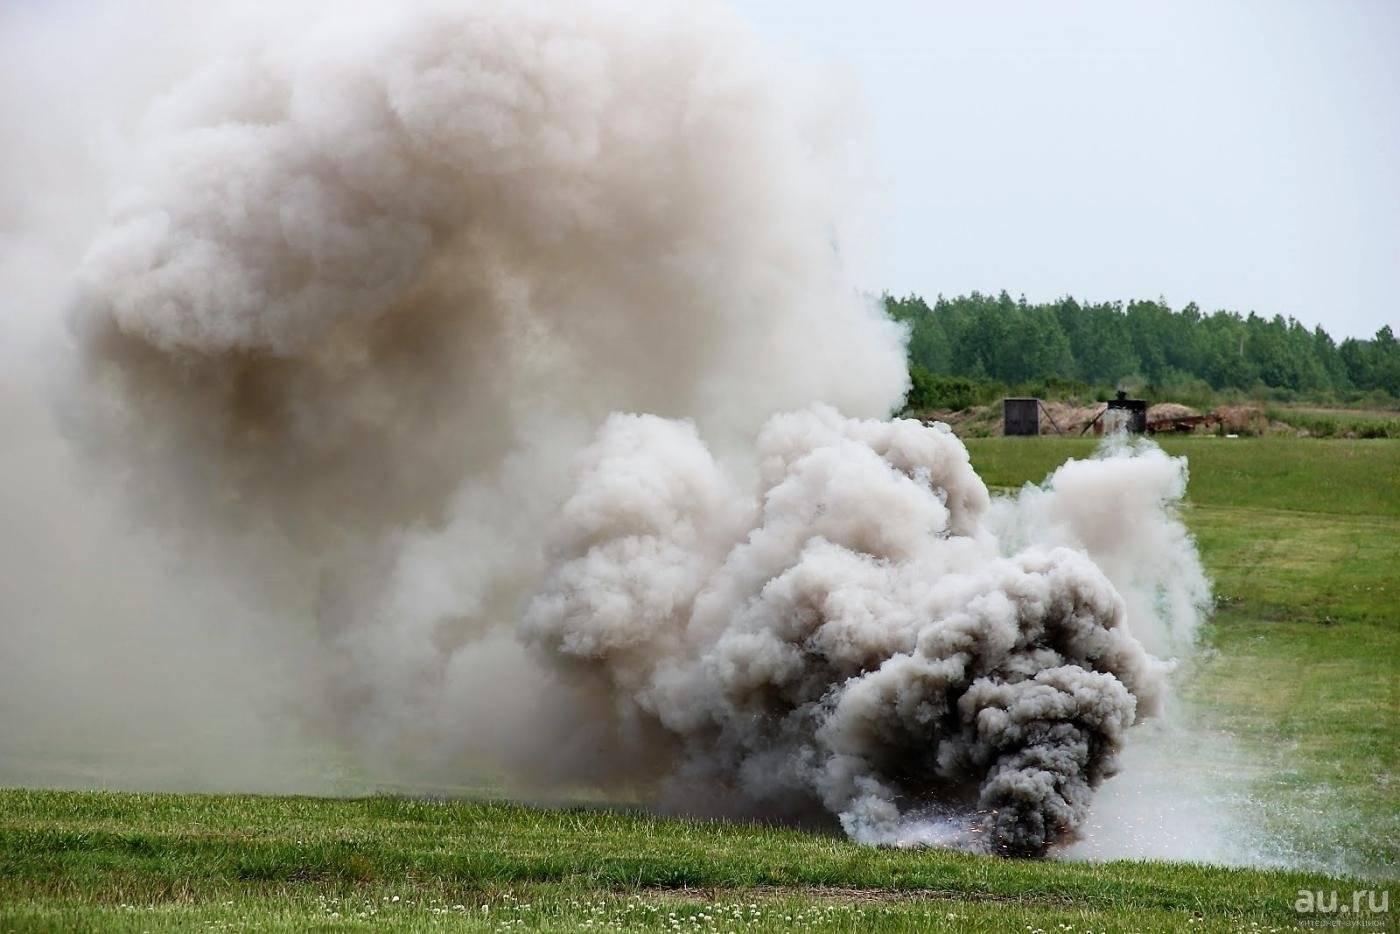 Особенности использования дымовых шашек для дезинфекции теплиц